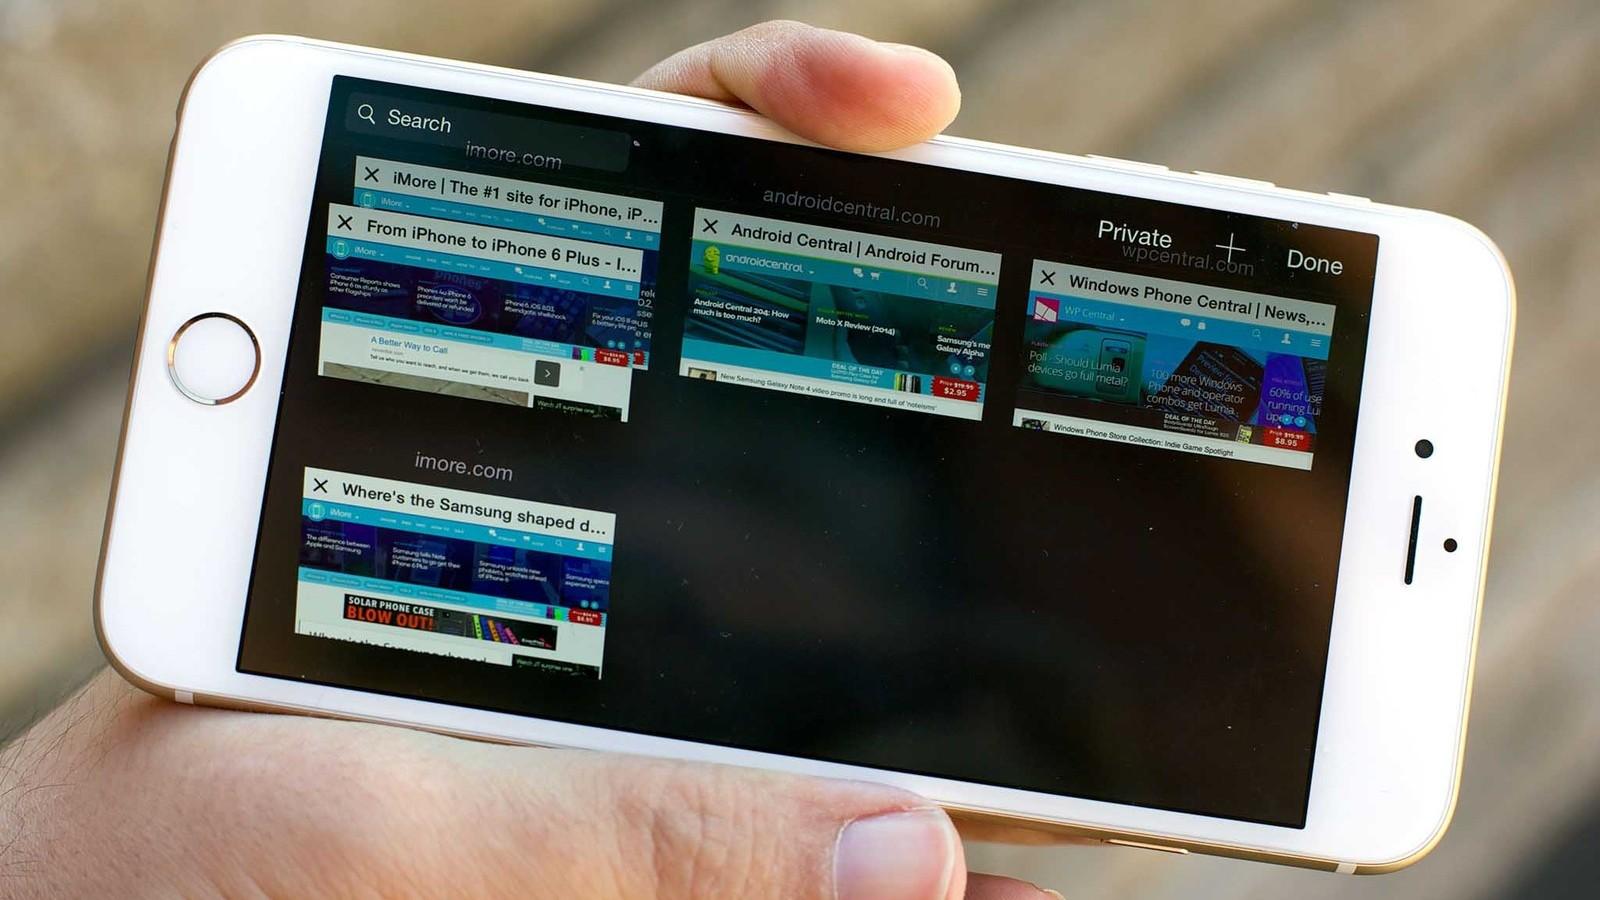 Загрузка страниц в Safari может происходить гораздо быстрее